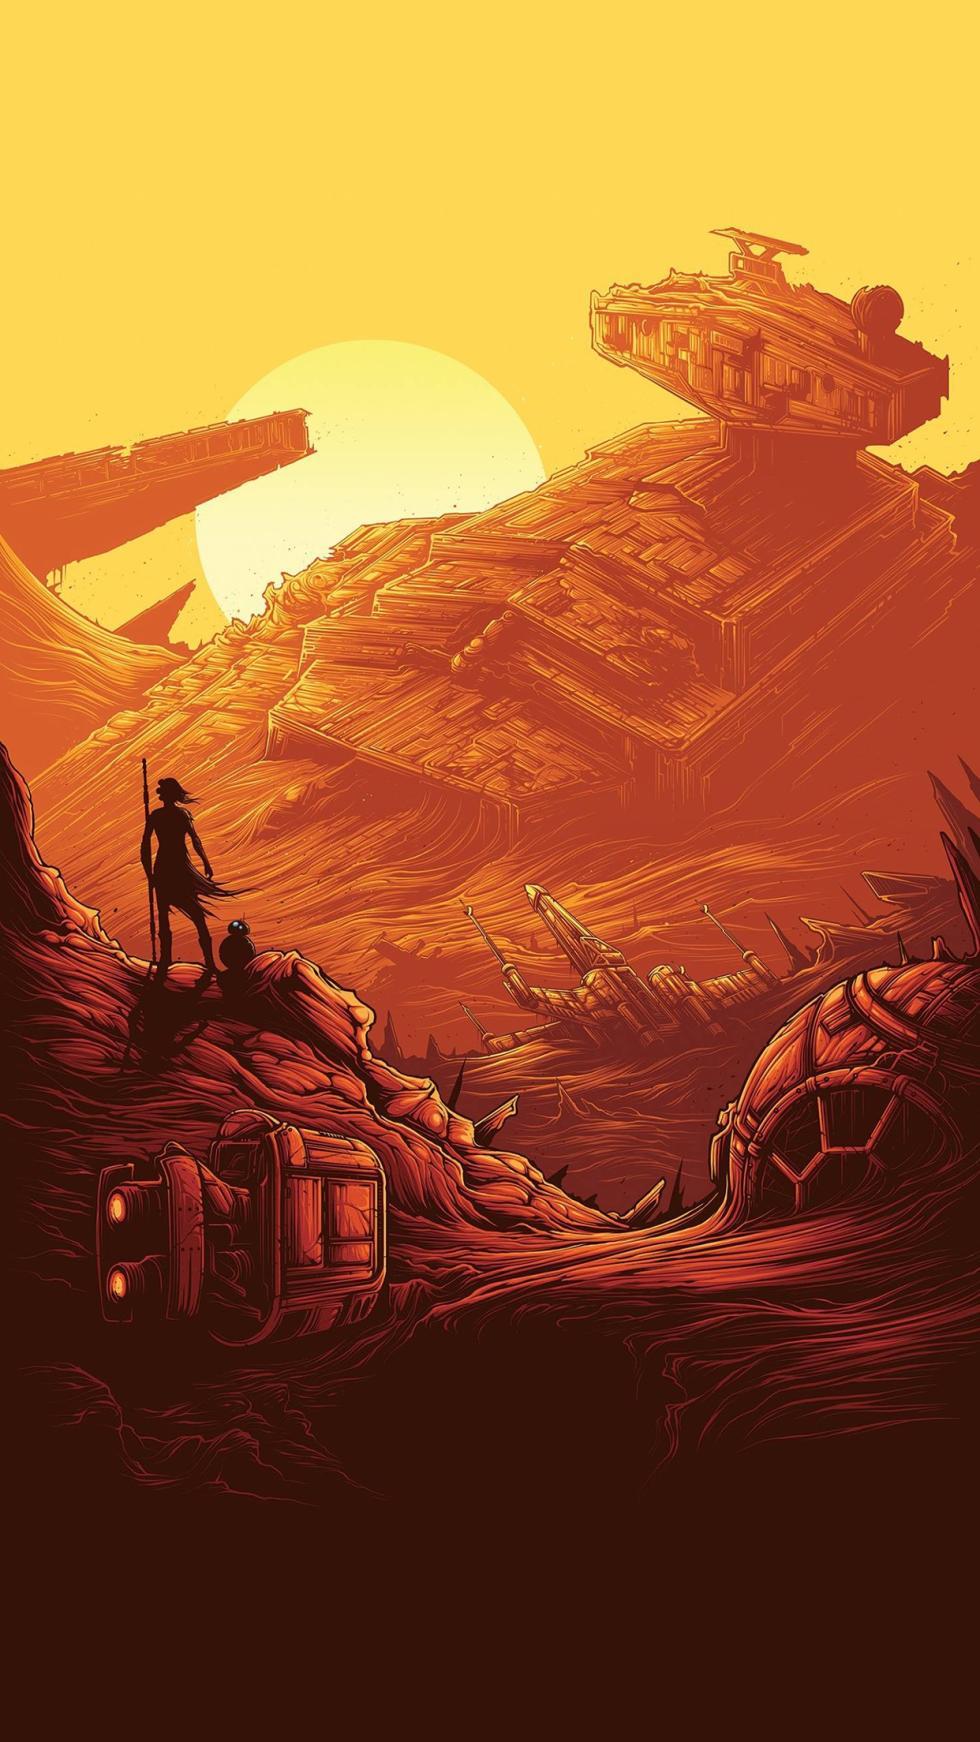 Los mejores fondos de pantalla de Star Wars: El Despertar de la Fuerza para el iPhone (La Guerra de las Galaxias)